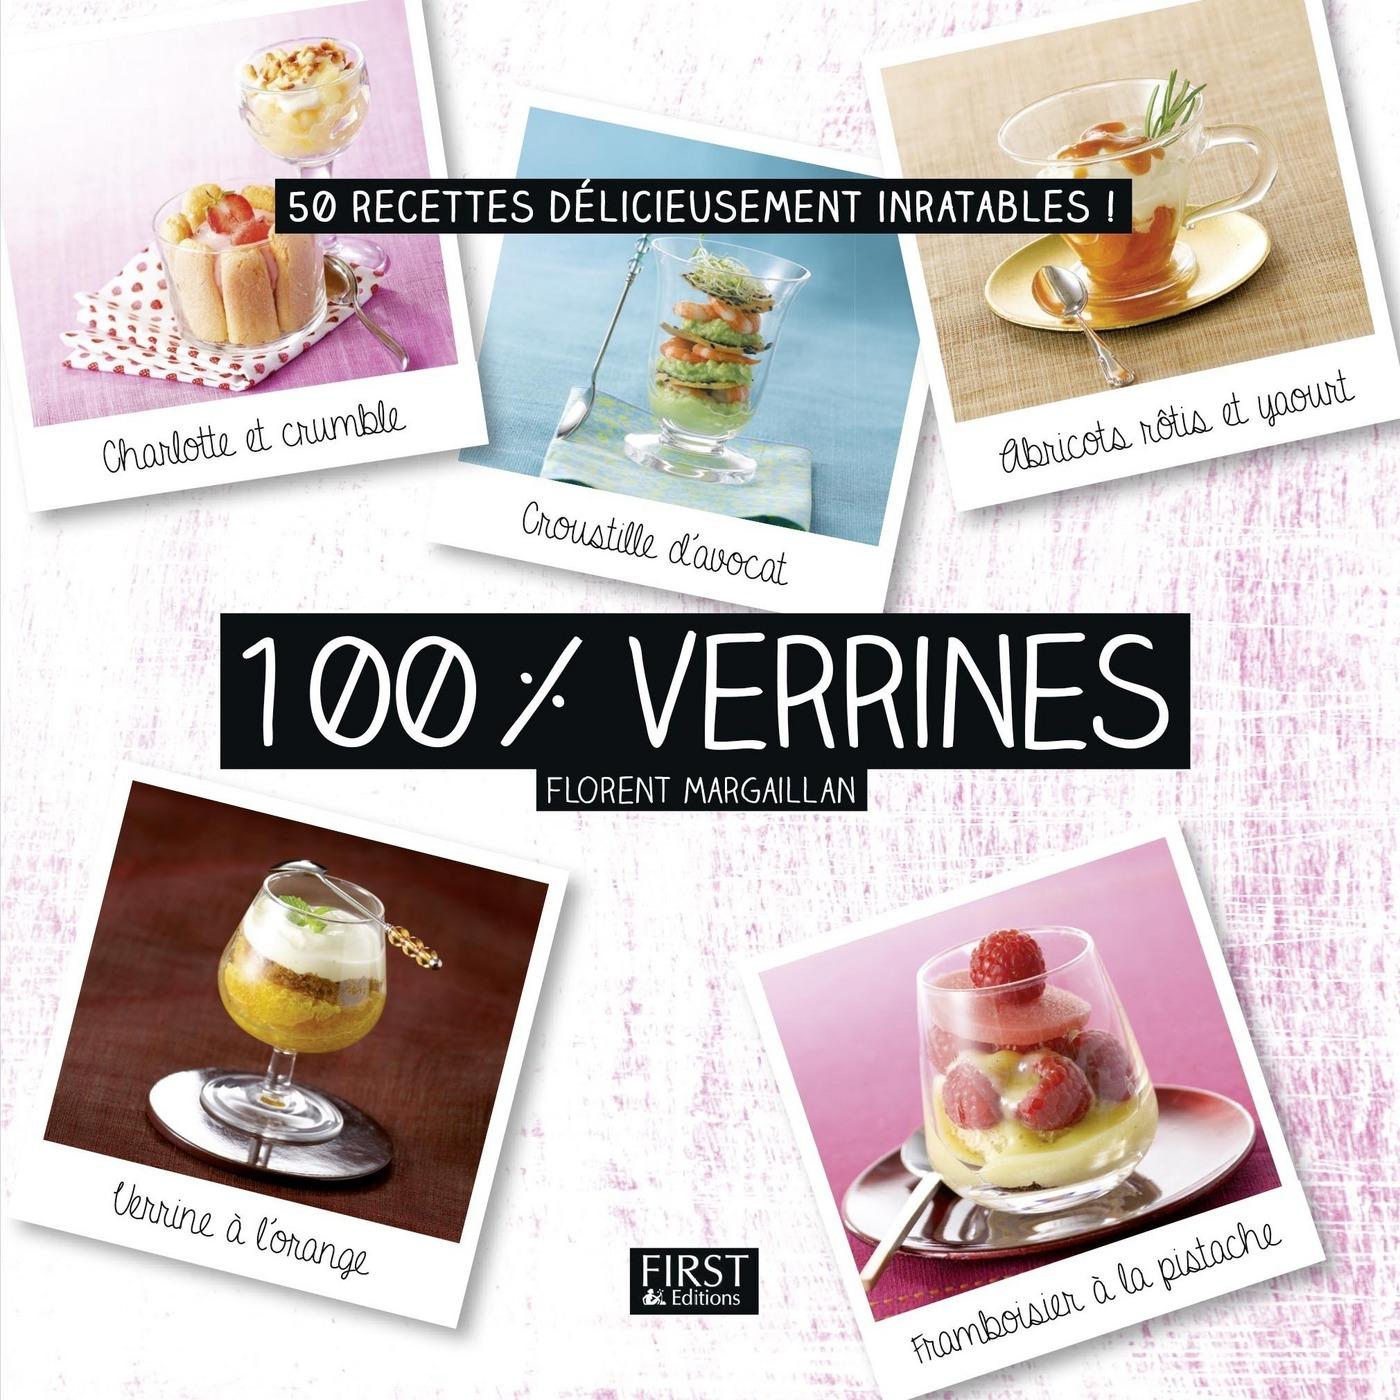 100 % verrines (ebook)